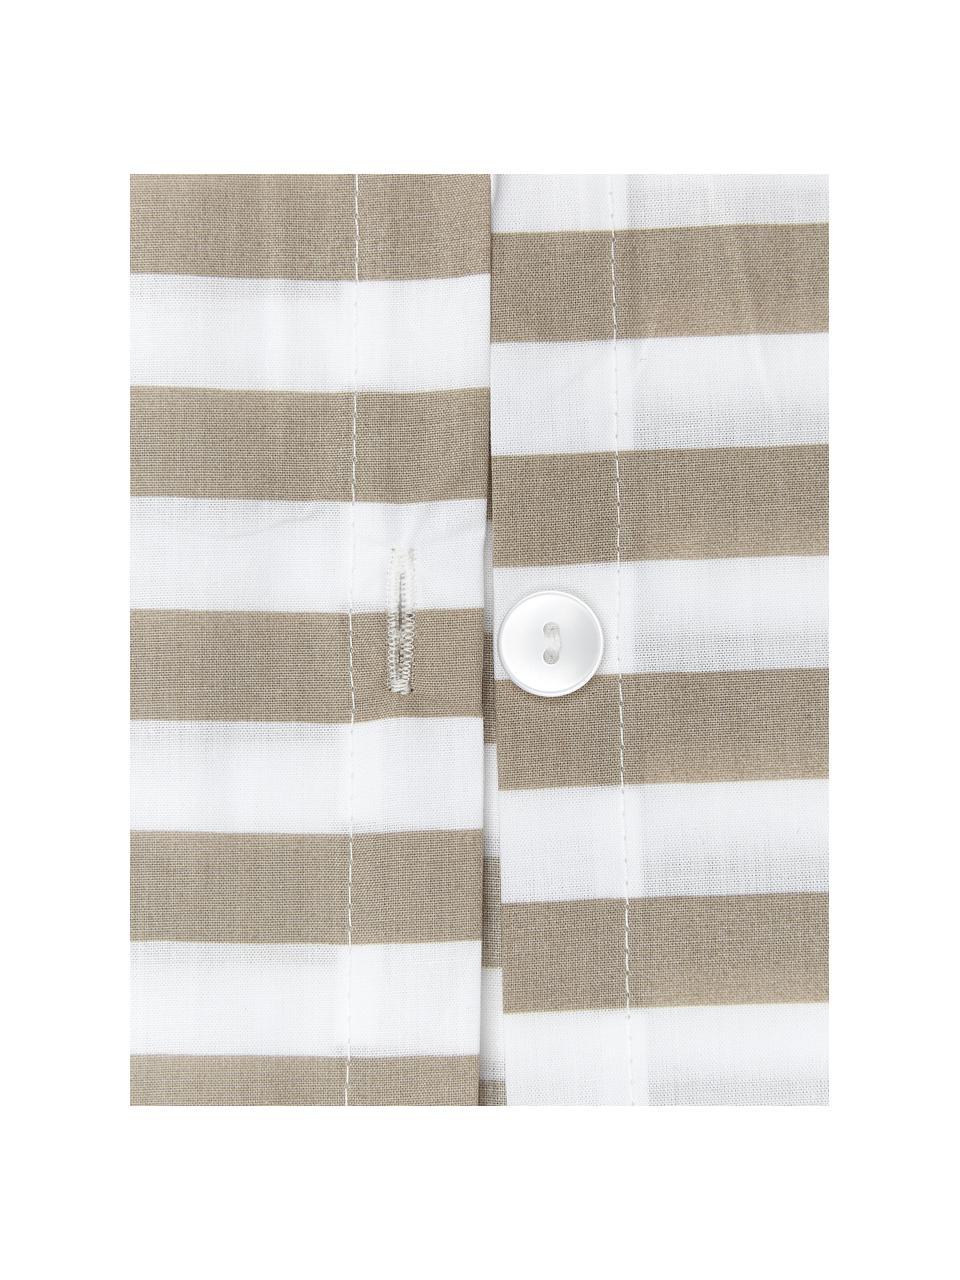 Gestreifte Baumwollperkal-Bettwäsche Yuliya in Beige/Weiß, Webart: Perkal Fadendichte 180 TC, Taupe, Weiß, 240 x 220 cm + 2 Kissen 80 x 80 cm